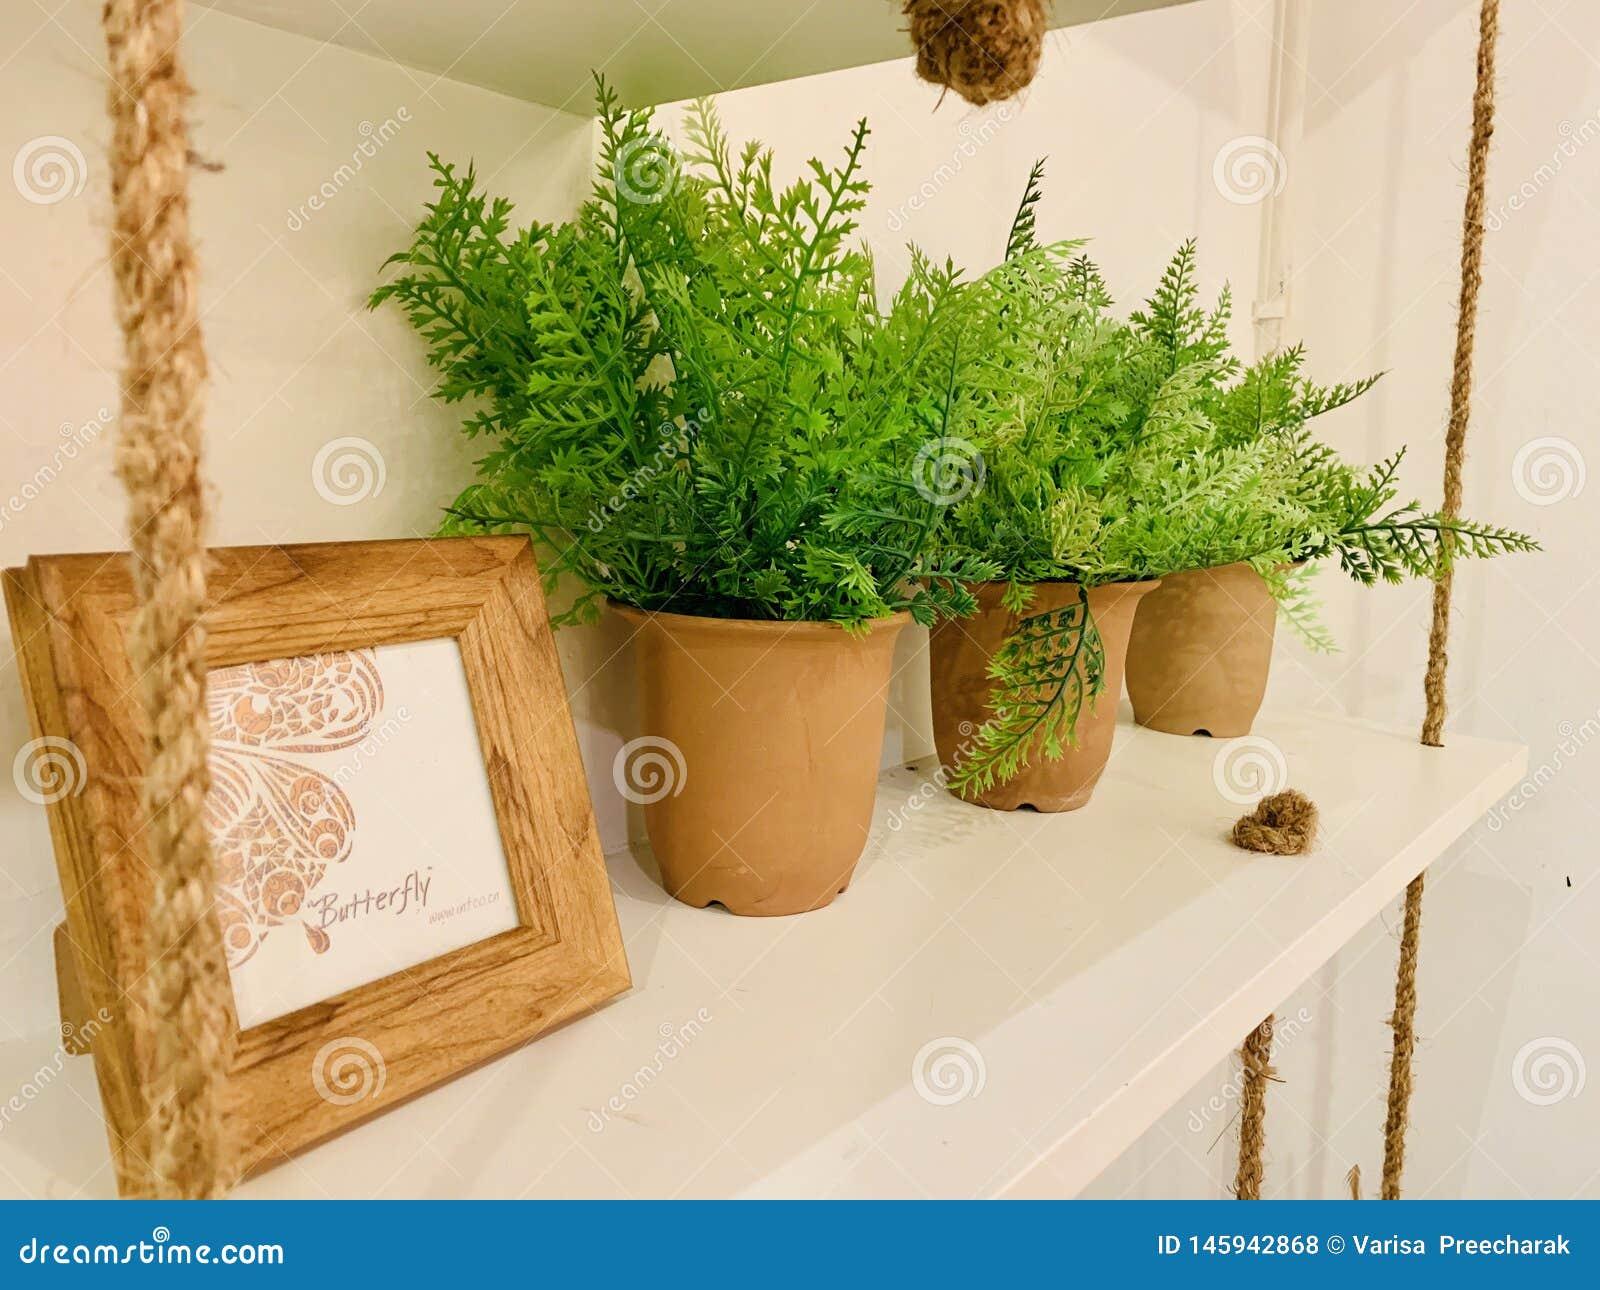 Διακόσμηση, εκλεκτής ποιότητας, ξύλινη, σχοινί, δοχείο εγκαταστάσεων, εικόνα